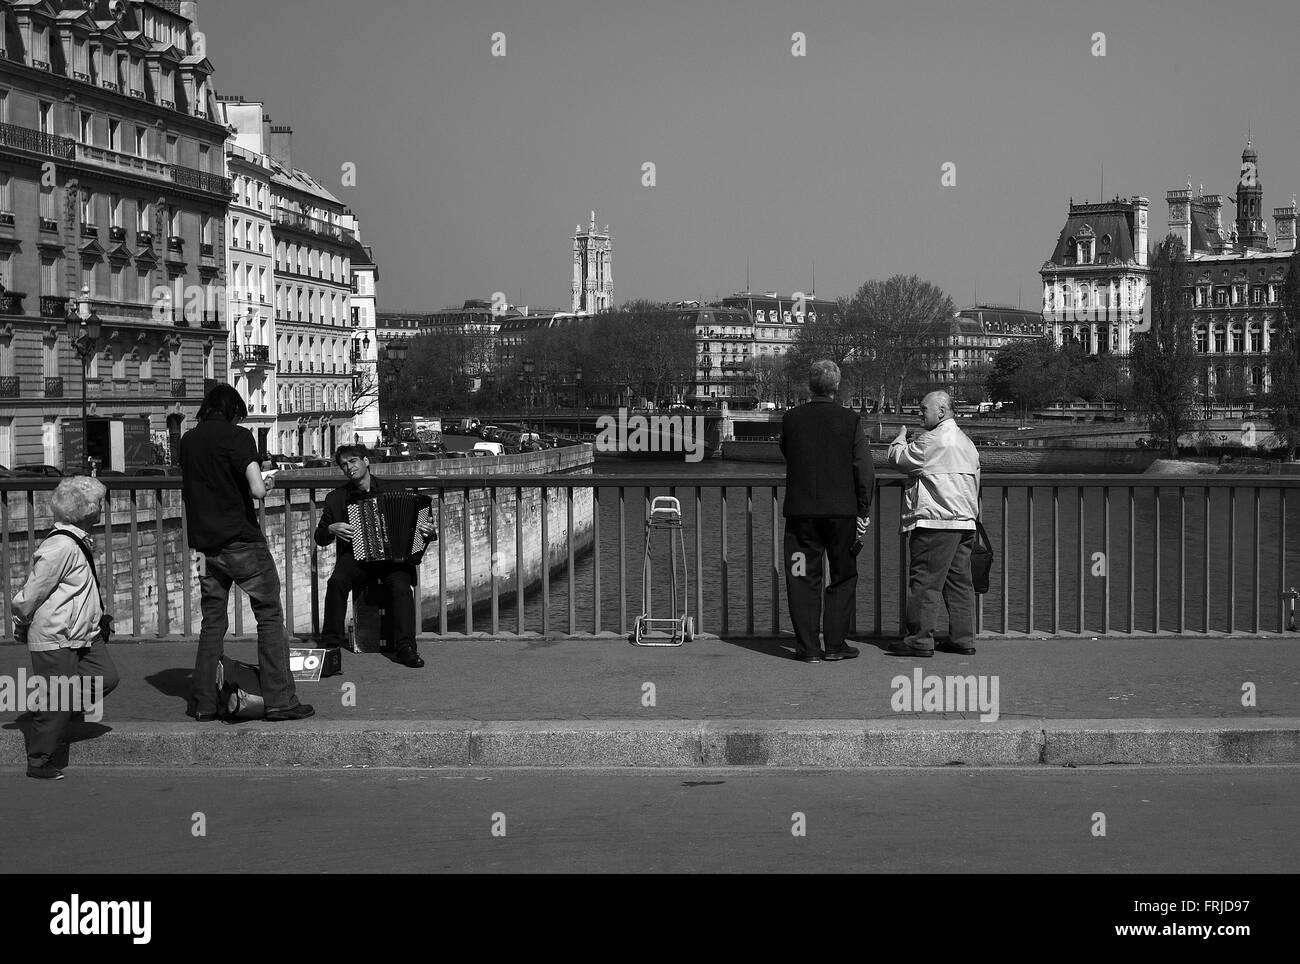 Accordion player, pont saint-louis, Paris - Stock Image